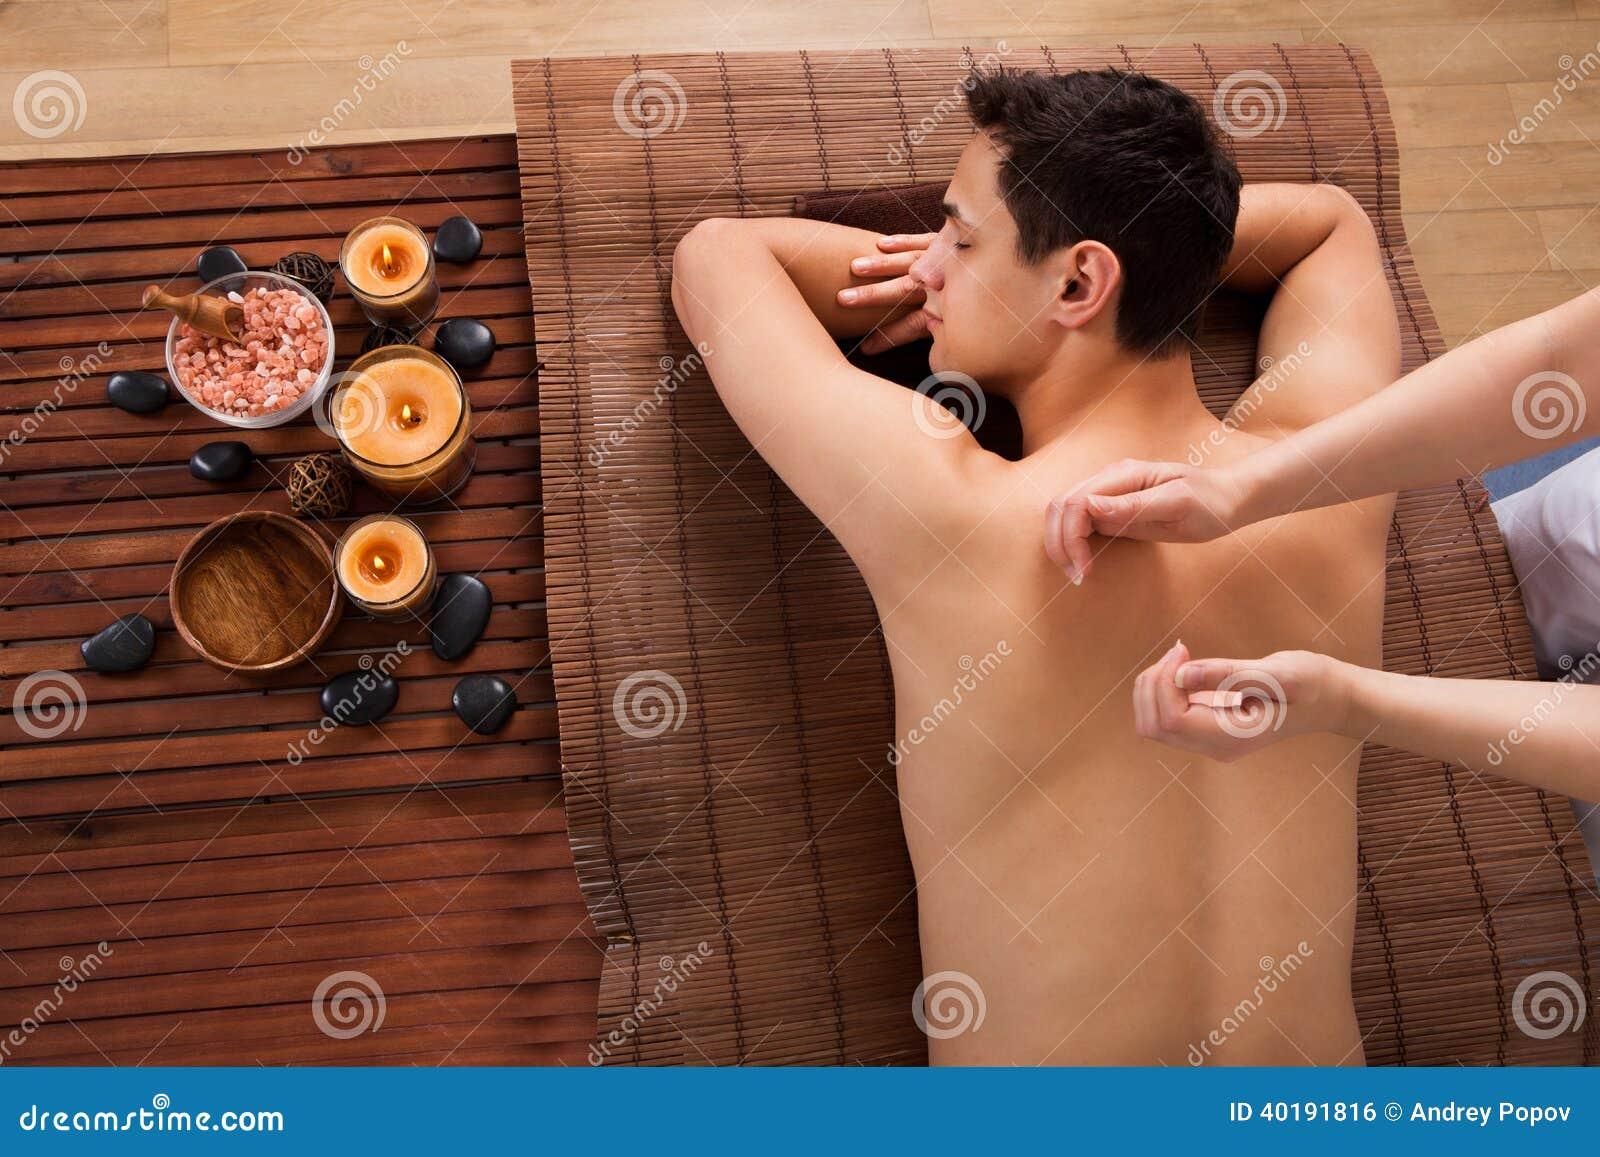 För häleribaksida för ung man massage i brunnsort